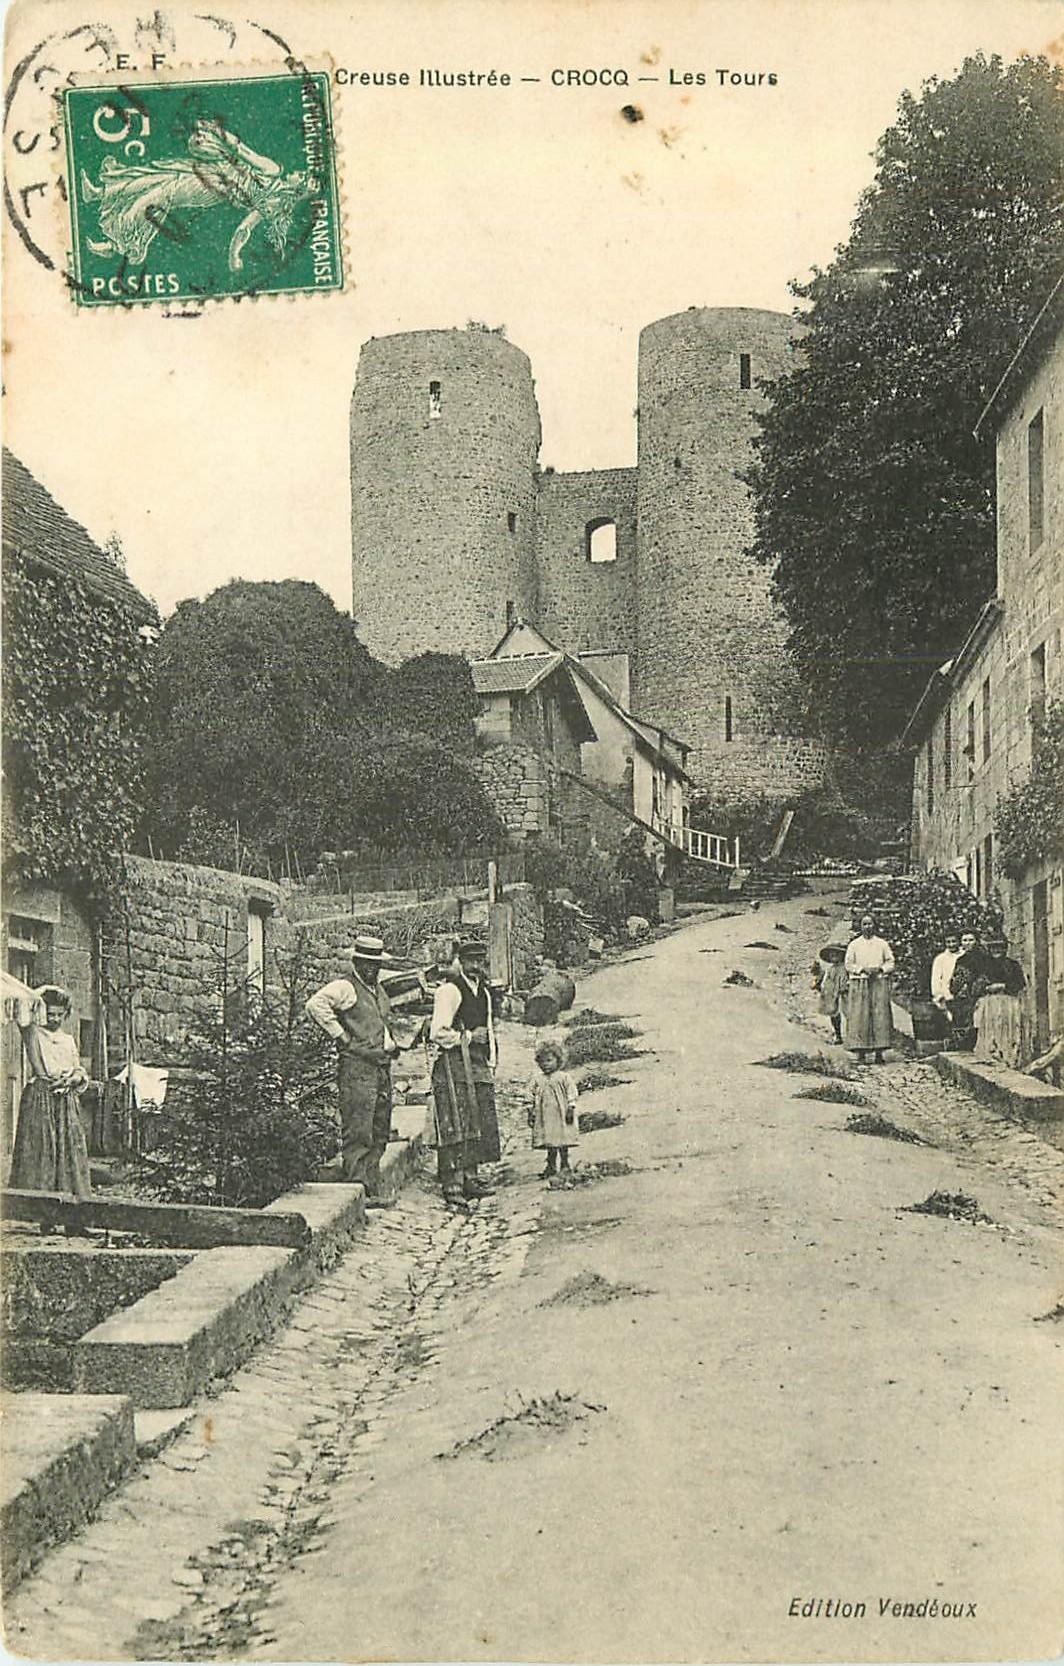 WW 23 CROCQ. Menuisier rue de l'Eglise chemin qui va aux Tours 1911